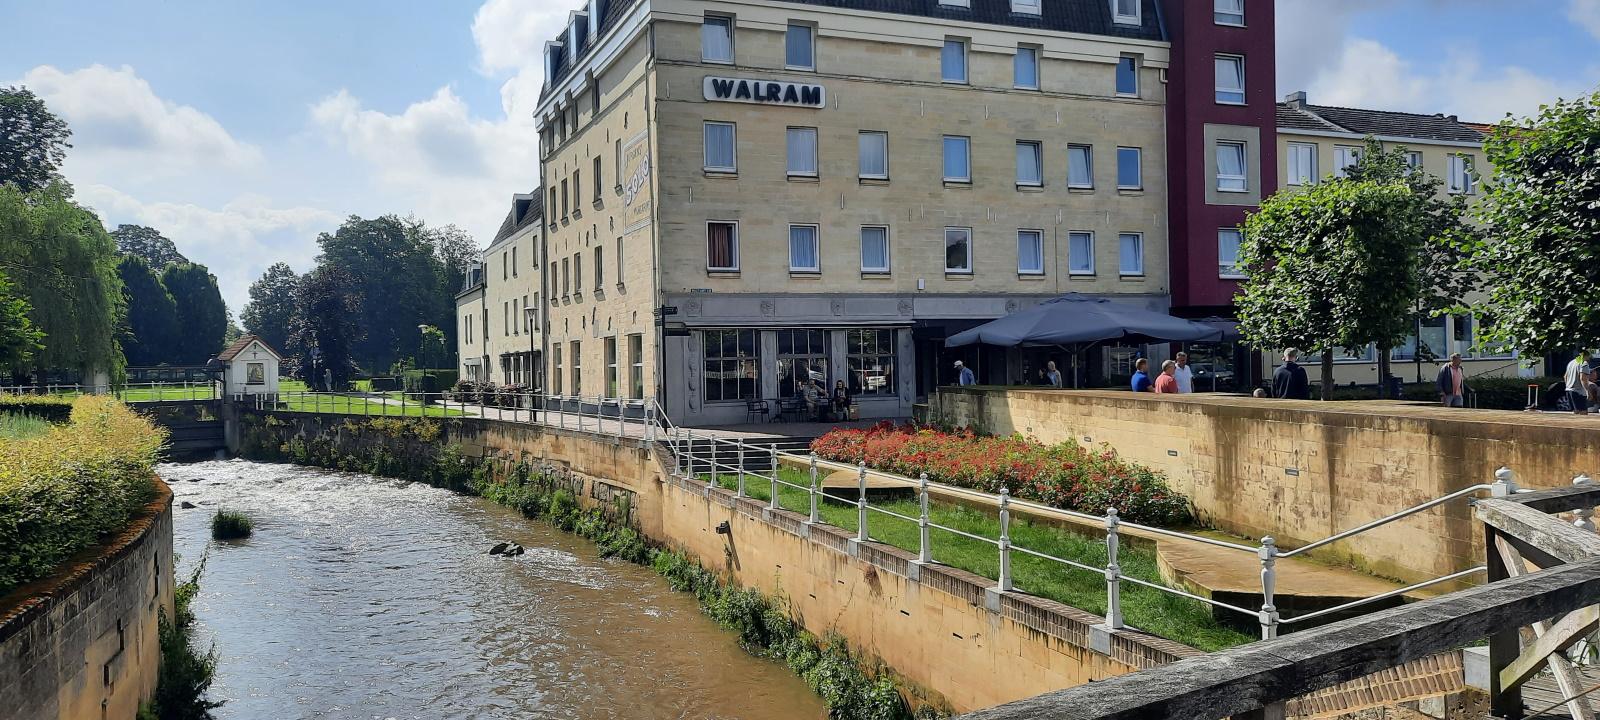 Het hotel naast het kabbelende riviertje De Geul, dat enkele dagen later verwoestend buiten zijn oevers zou treden.